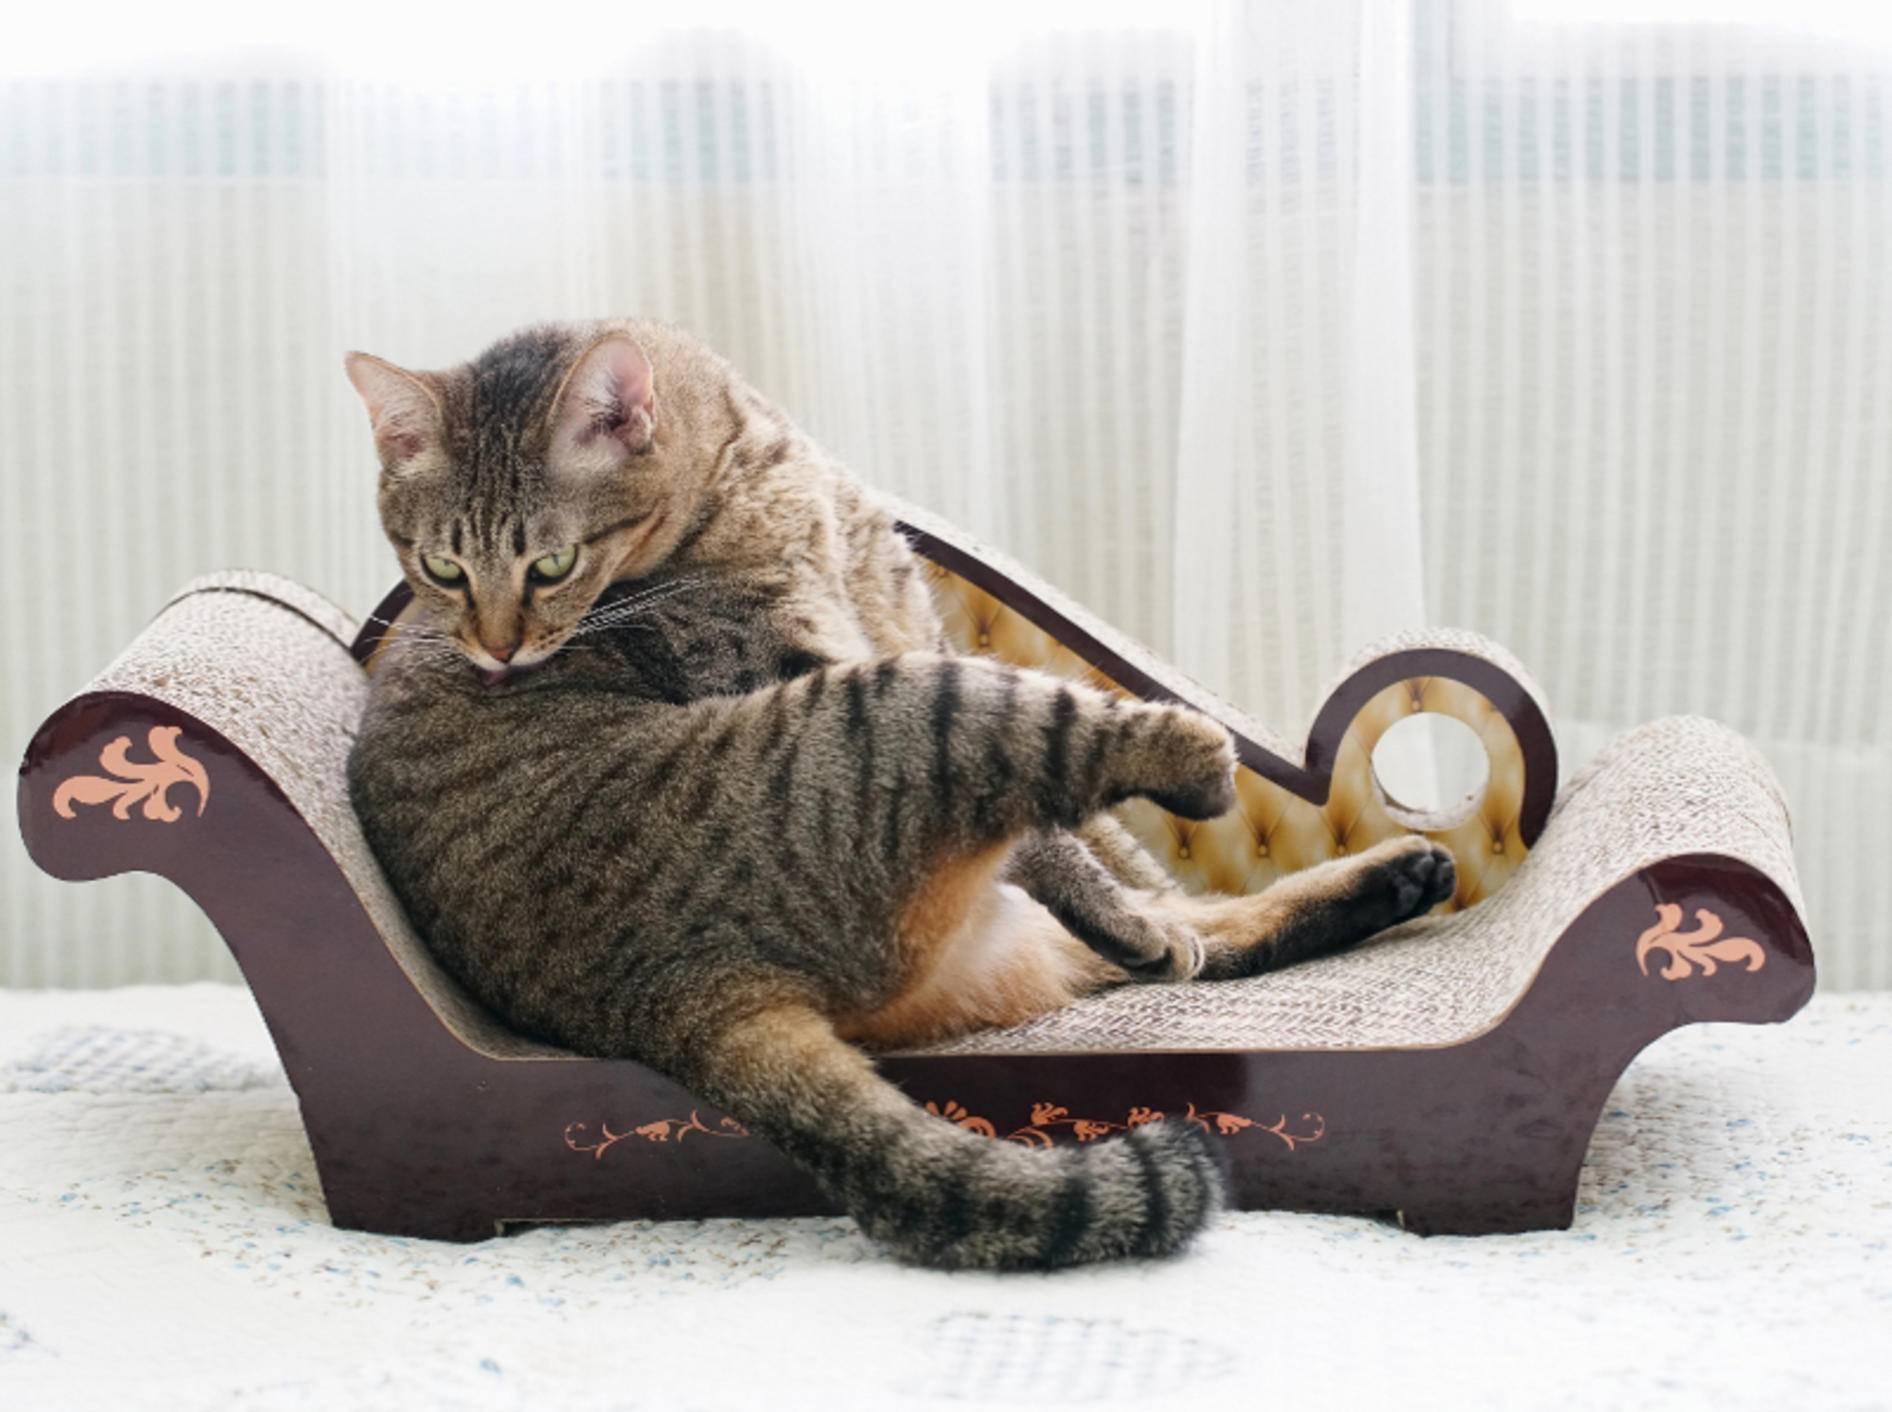 Einfach mal abschalten und sich beruhigen, denkt sich diese Katze und schleckt sich im Rahmen einer harmlosen Übersprungshandlung – Shutterstock / Rapeepan Chamnong